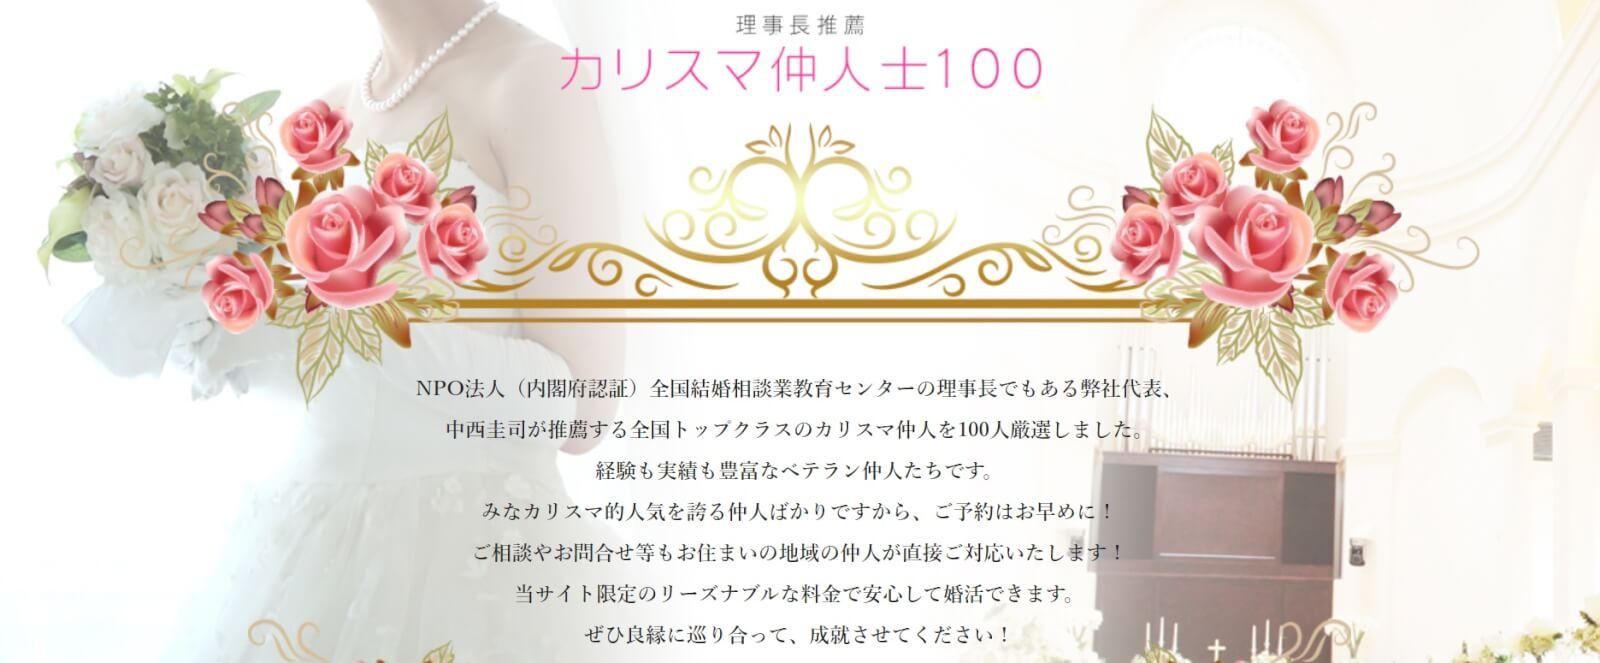 15位 カリスマ仲介人士100(日本仲人協会)